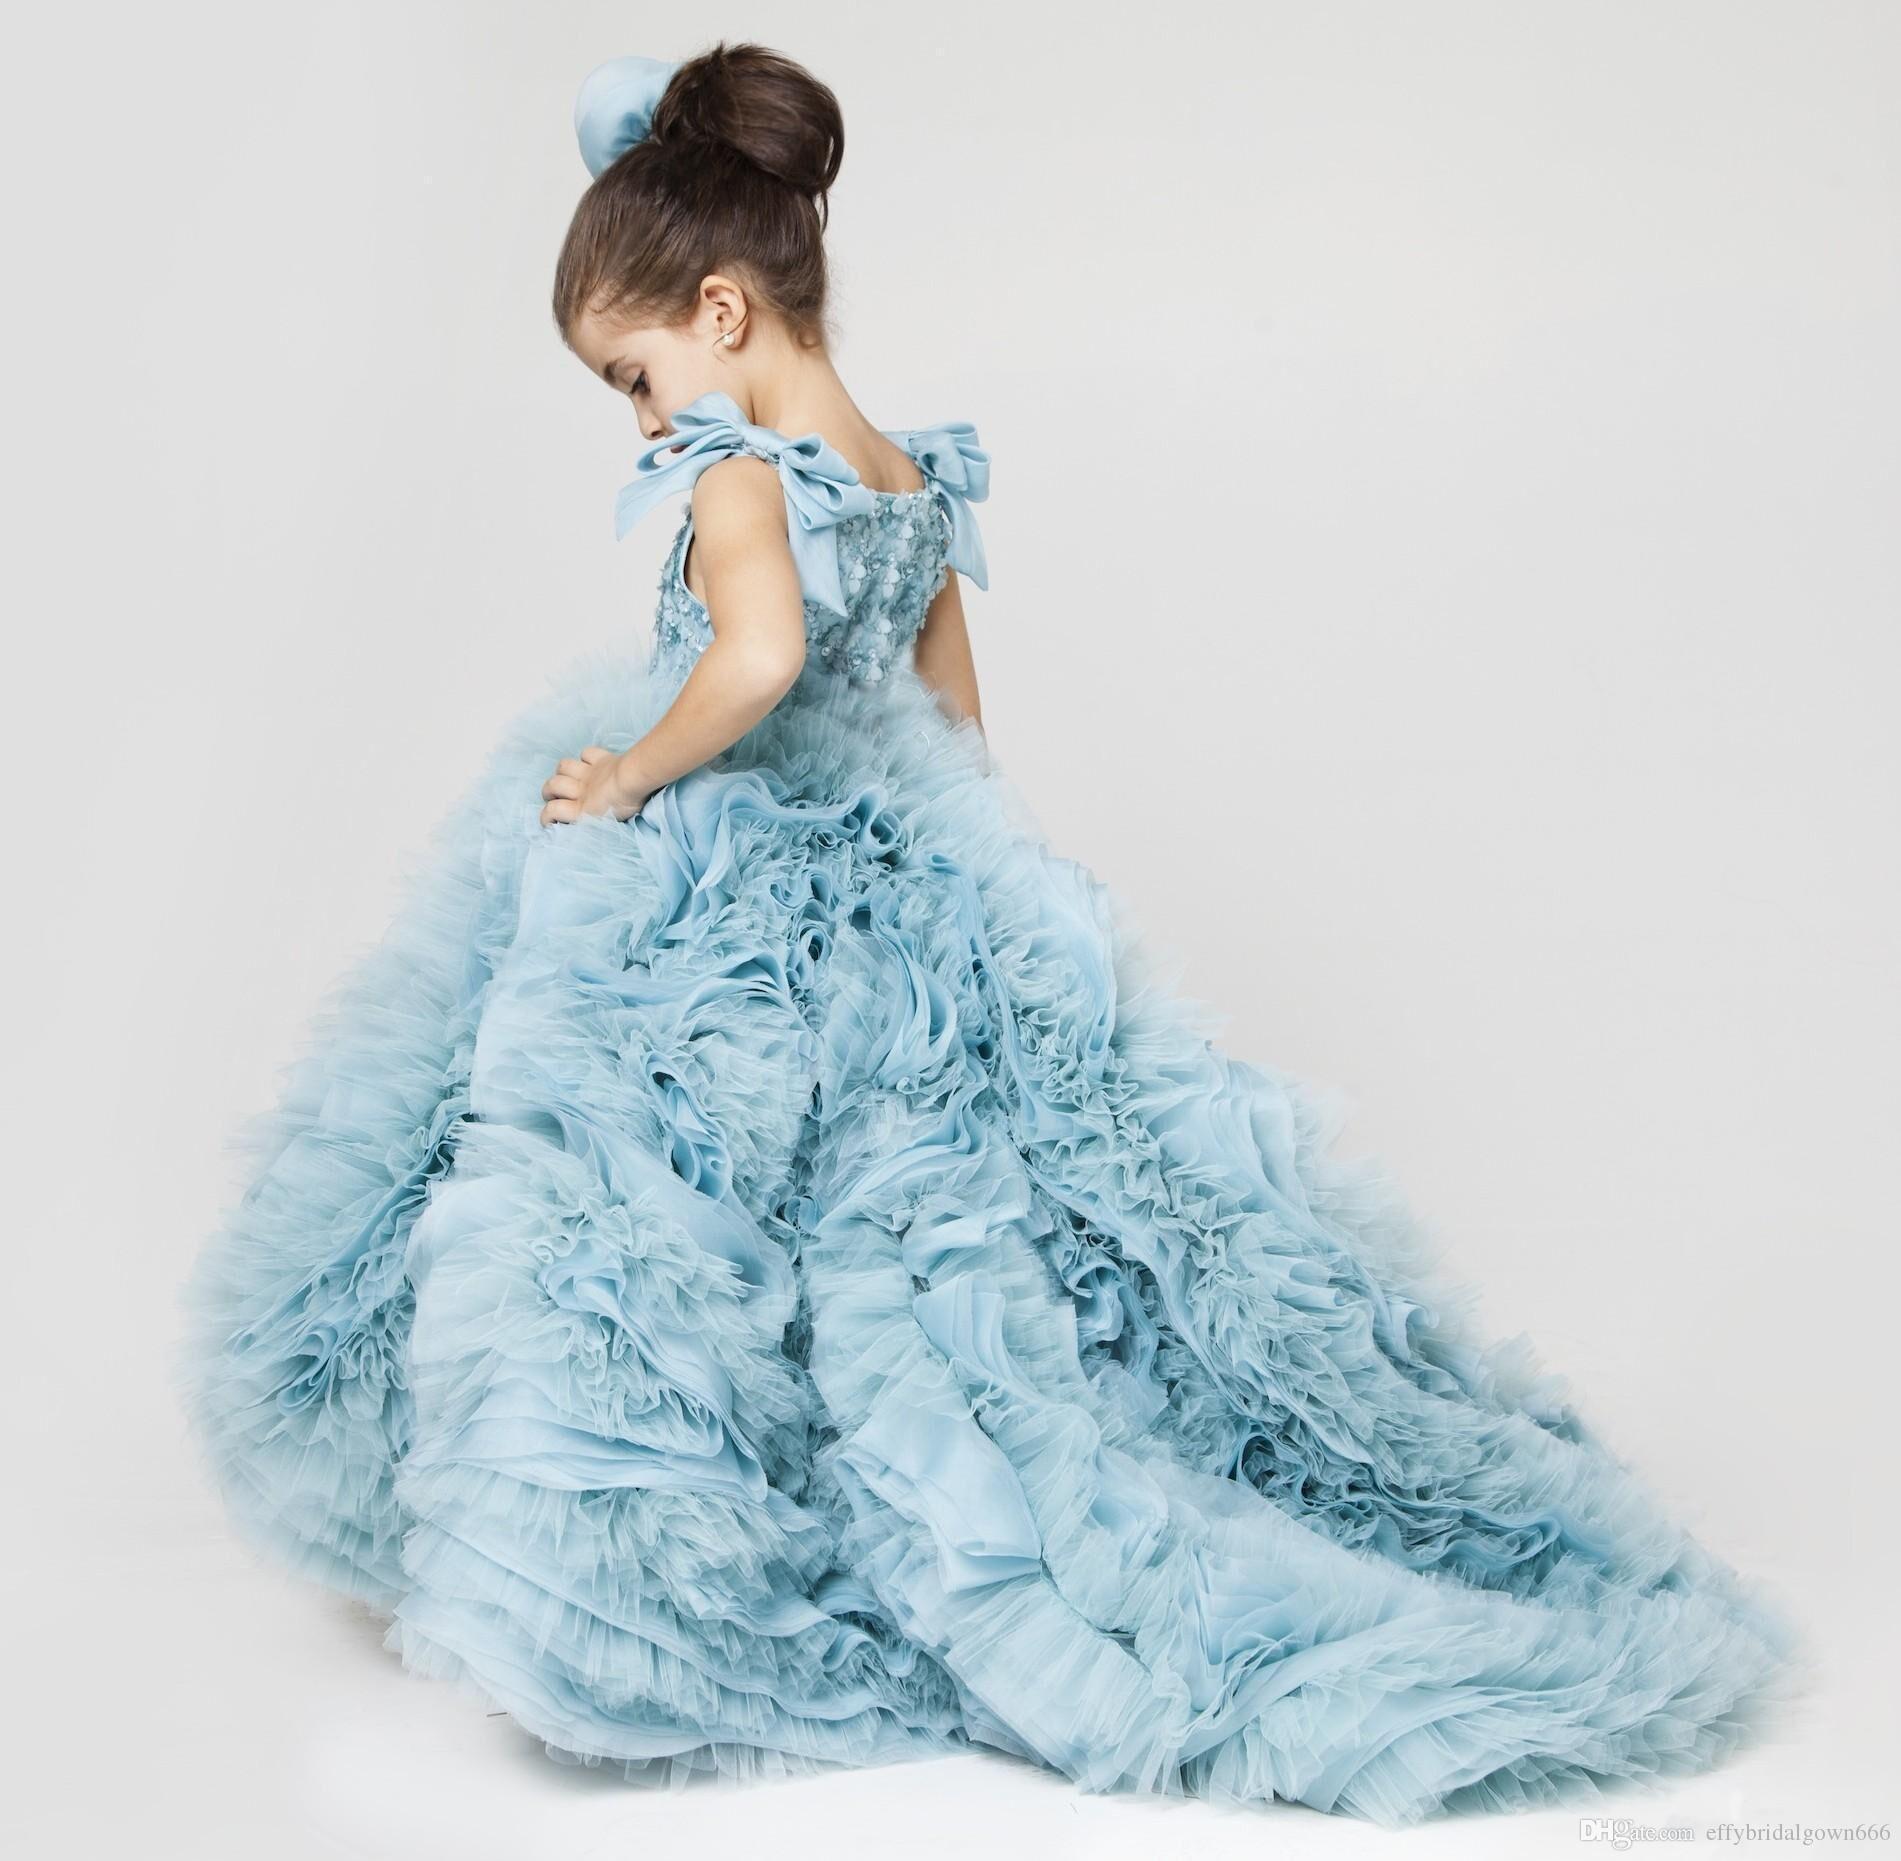 Where Can I Buy Flower Girl Dresses Online 89